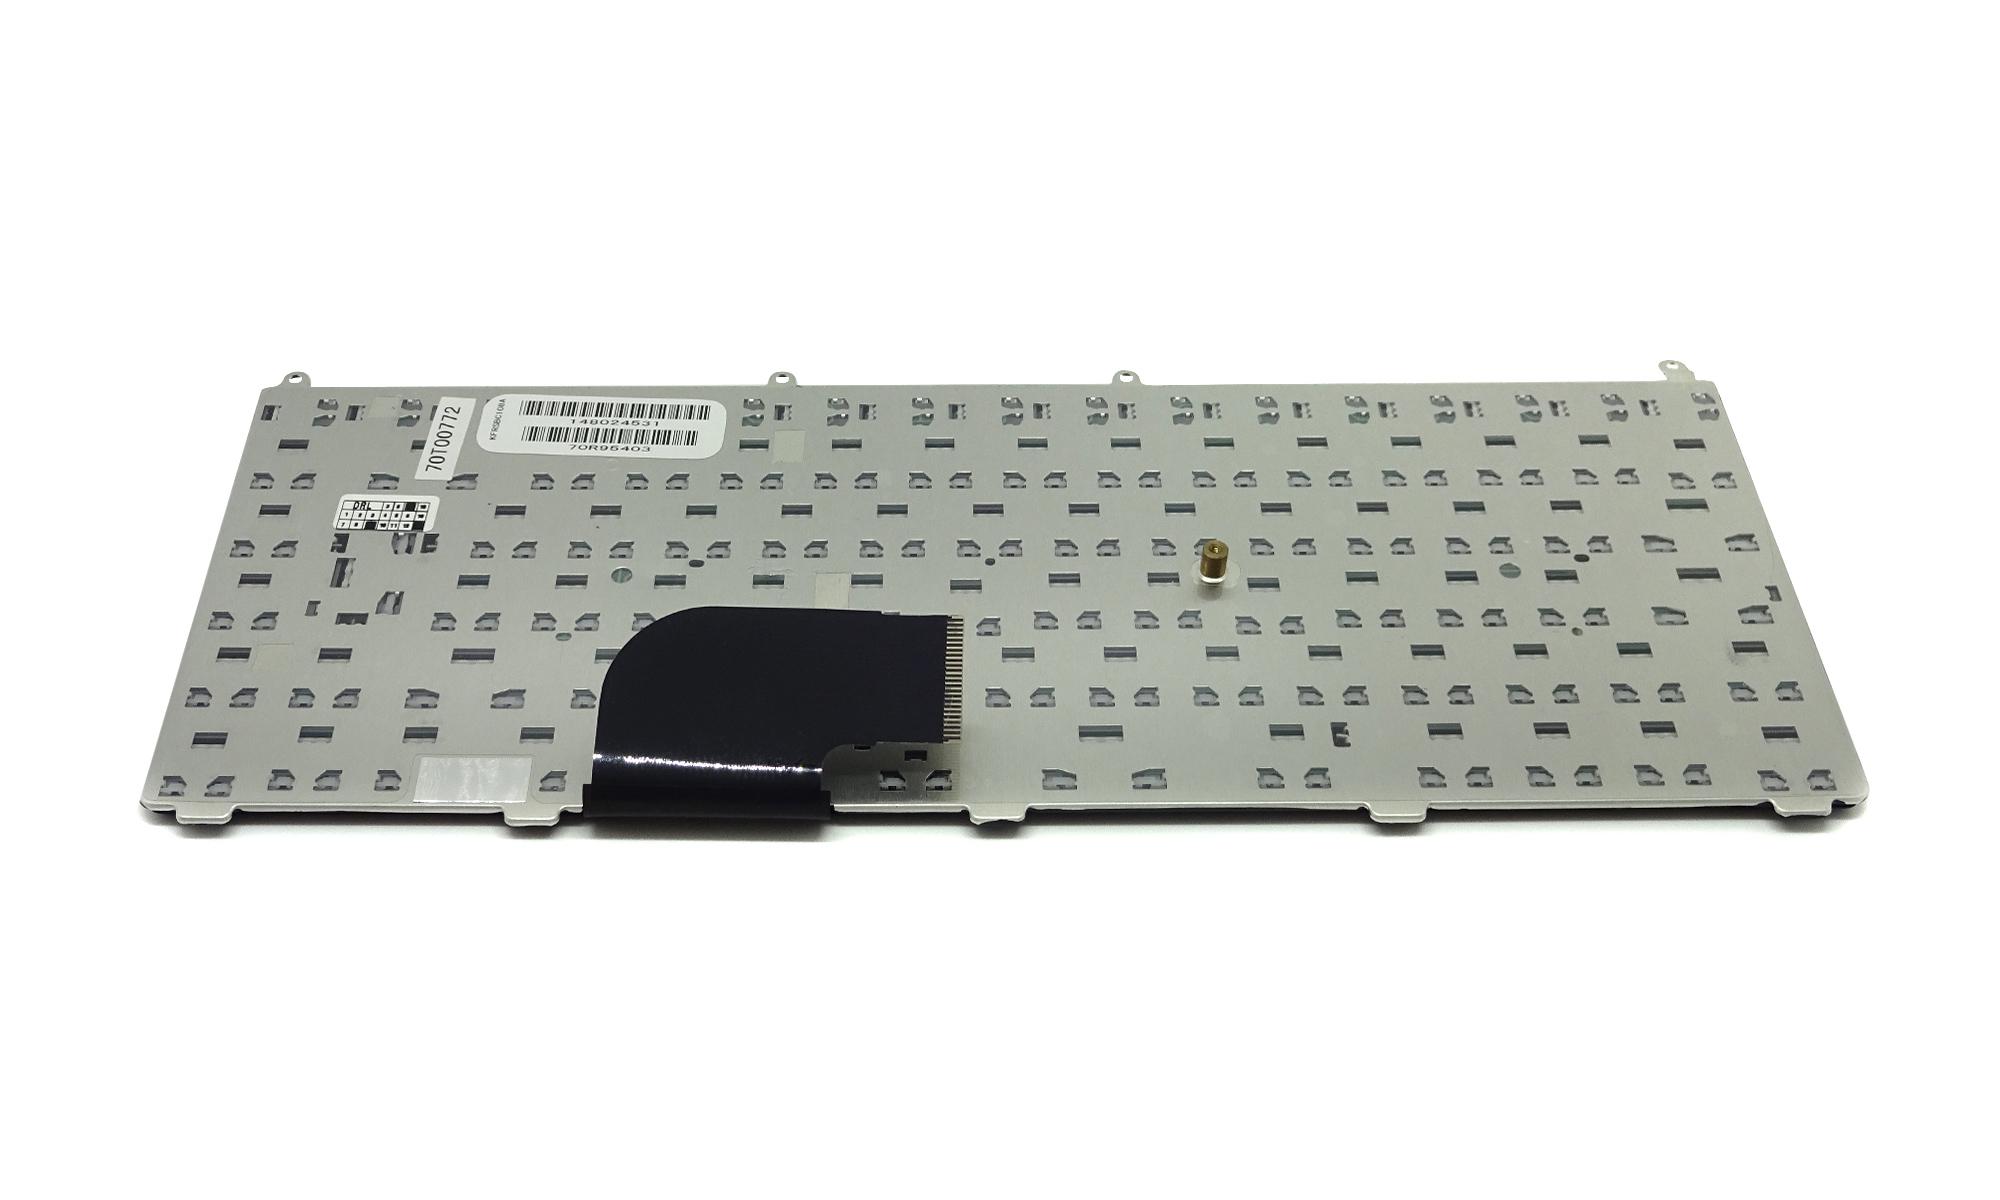 Tastatura compatibila Sony Vaio VGN-AR, VGN-FE, layout UK, neagra, fara iluminare